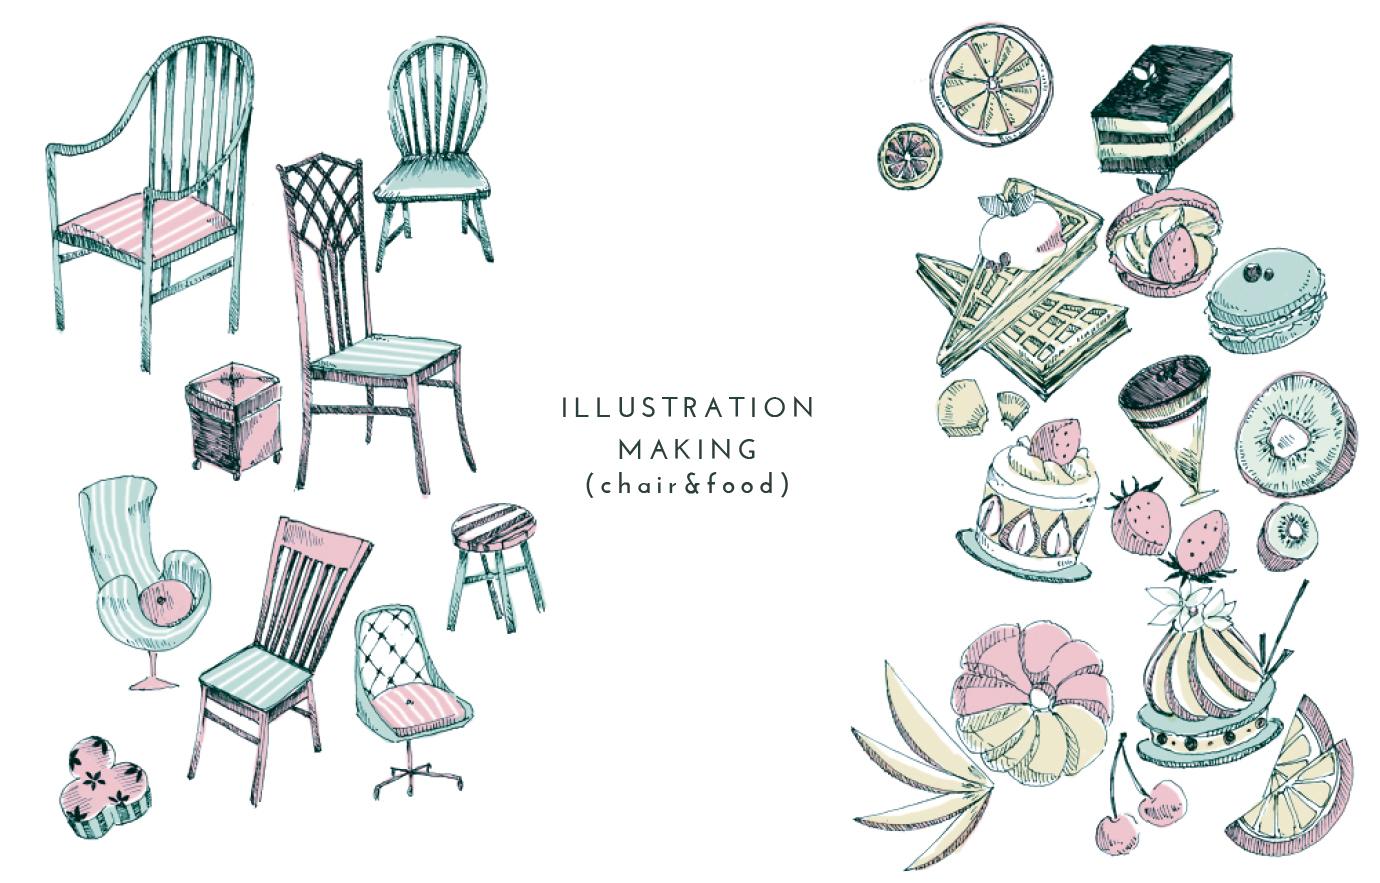 イラストメイキング、挿絵の書き方。サイト制作や印刷物制作にさらっと入れる食べ物やインテリアの挿絵の描き方。